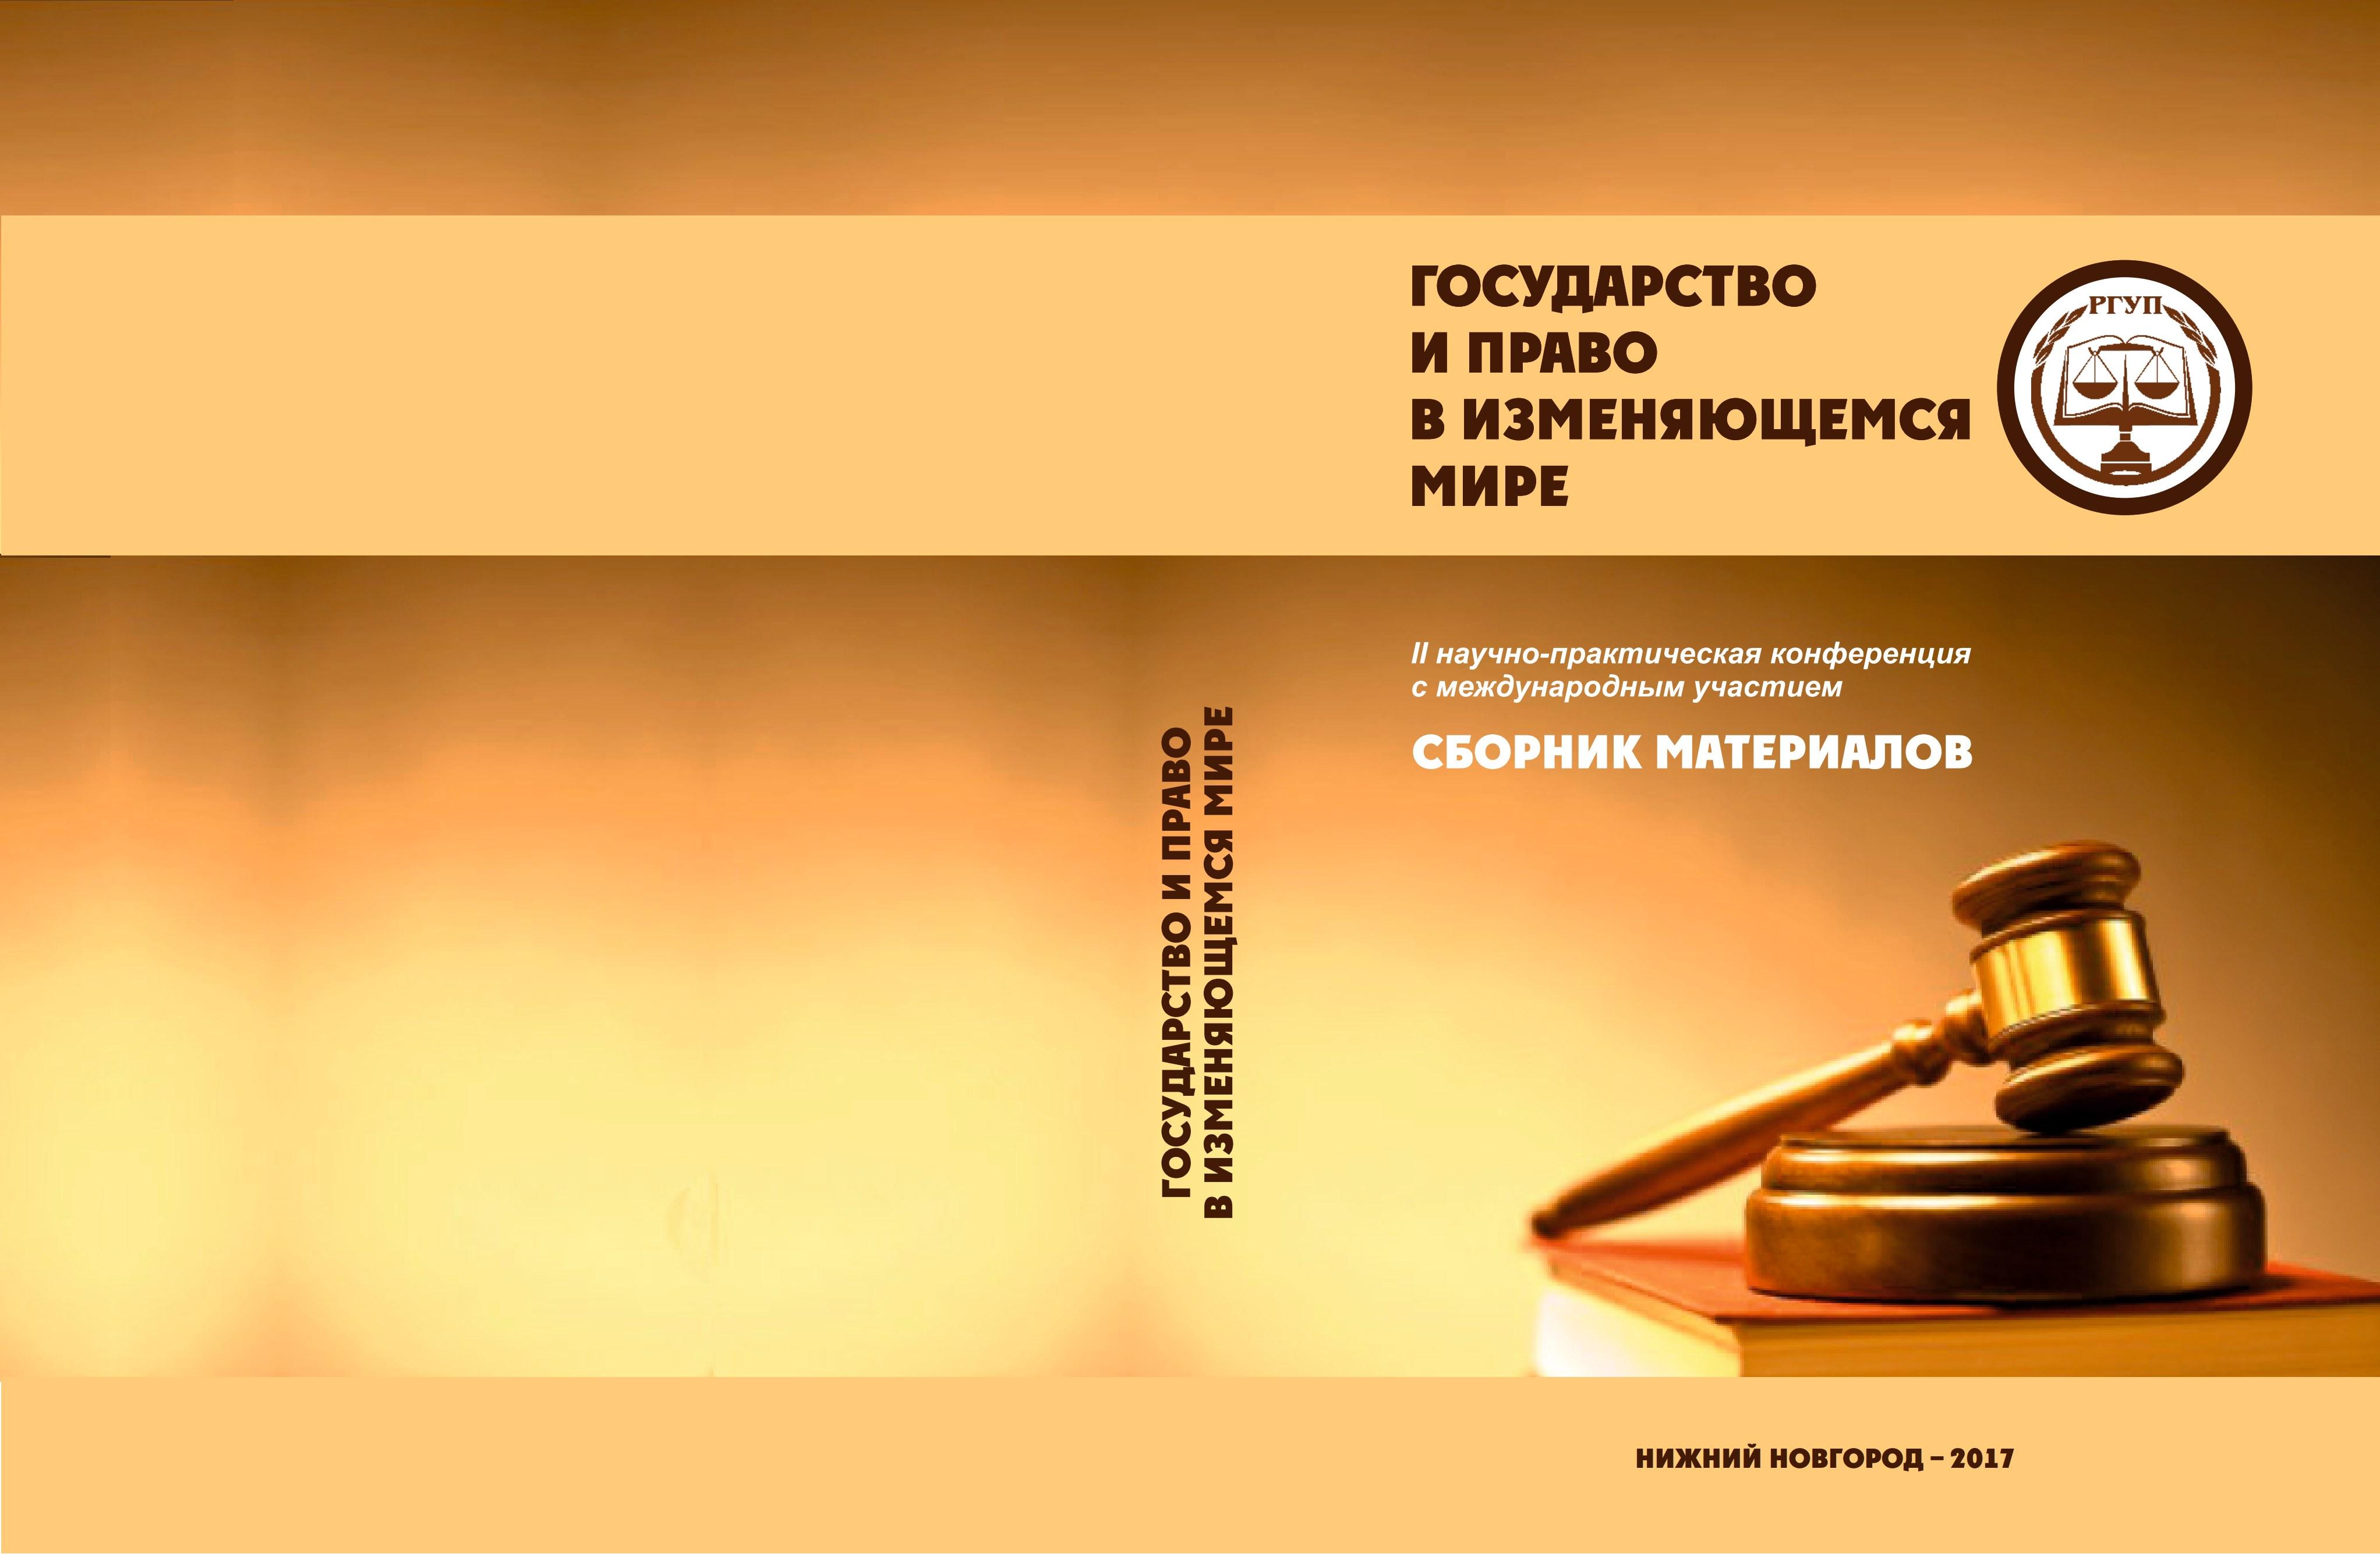 Применение гражданско-правовых категорий в налоговых правоотношениях